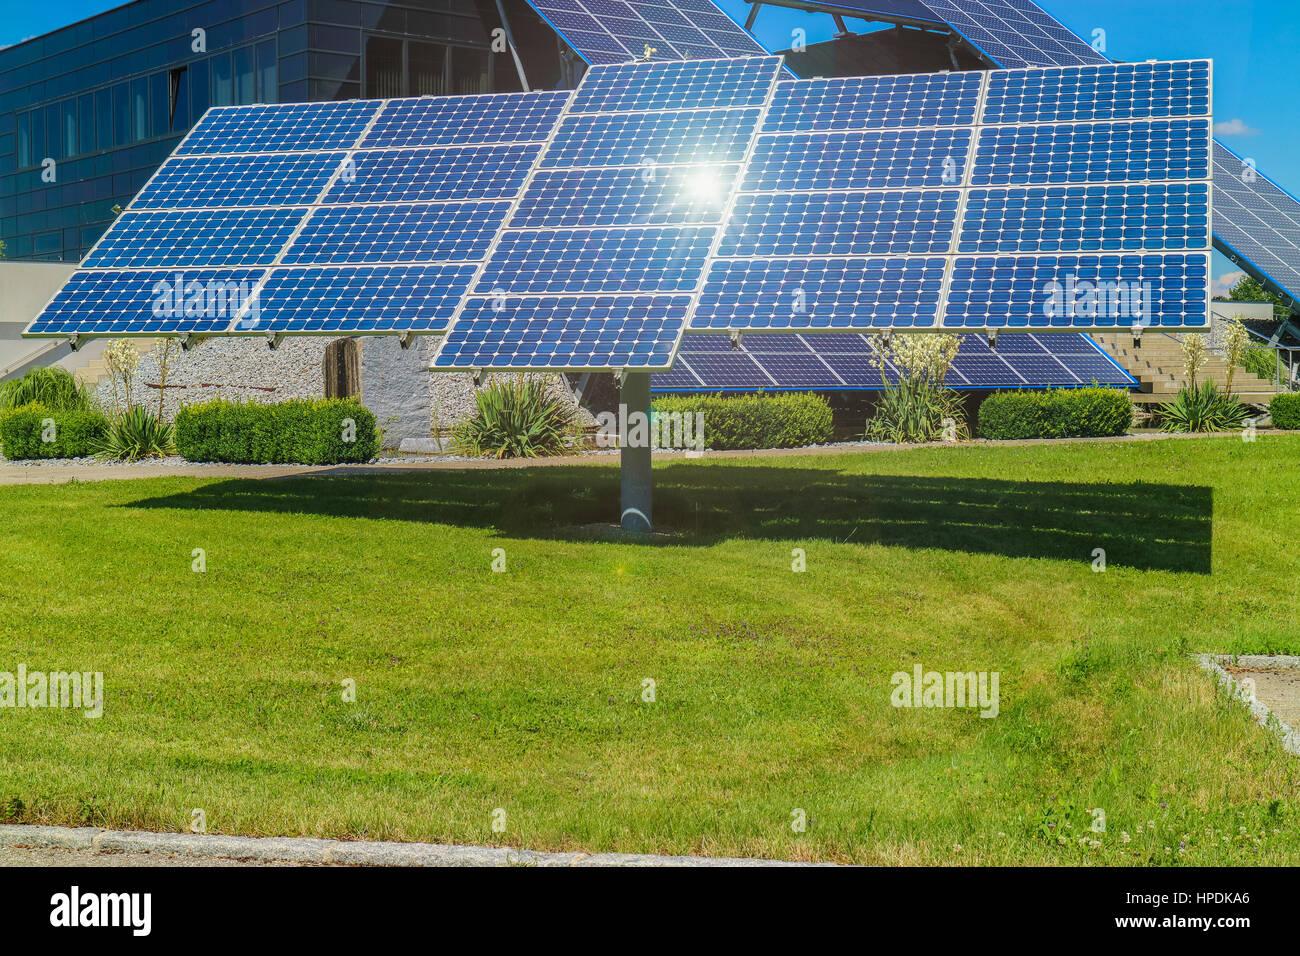 Solarkollektor, Sonne und Wolken, Ökologie - Stock Image